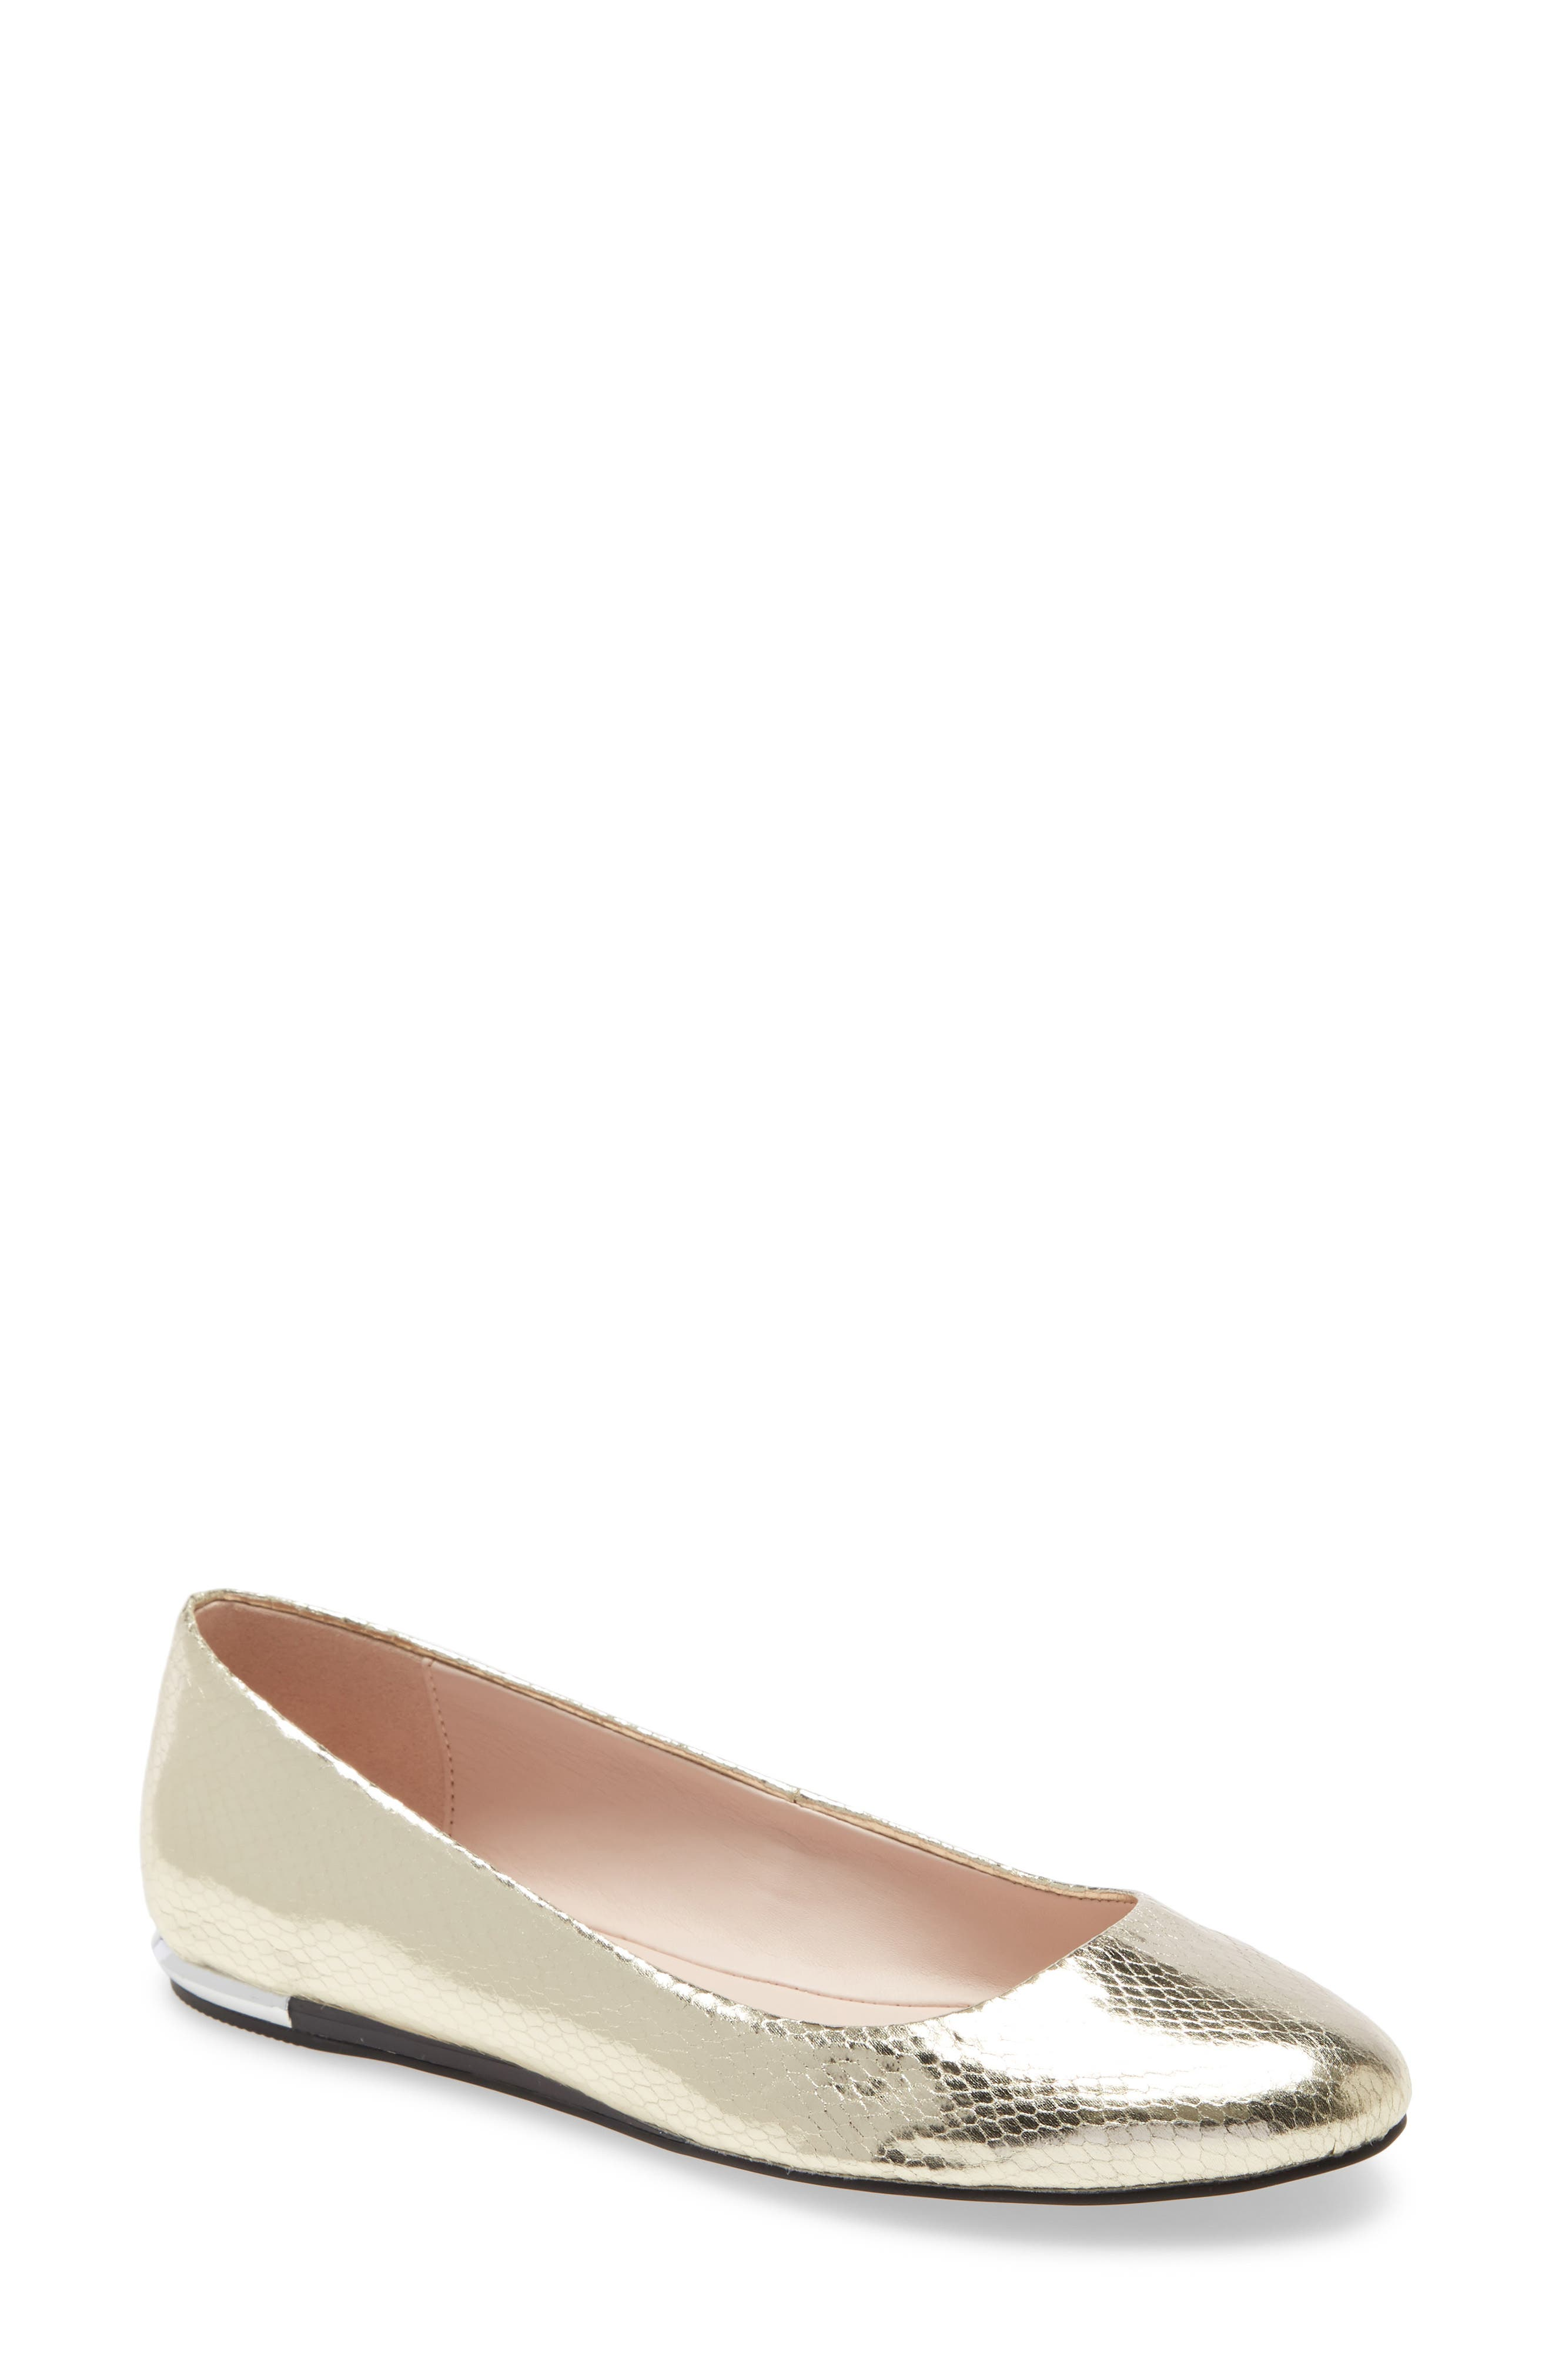 Women's Calvin Klein Flats \u0026 Ballet